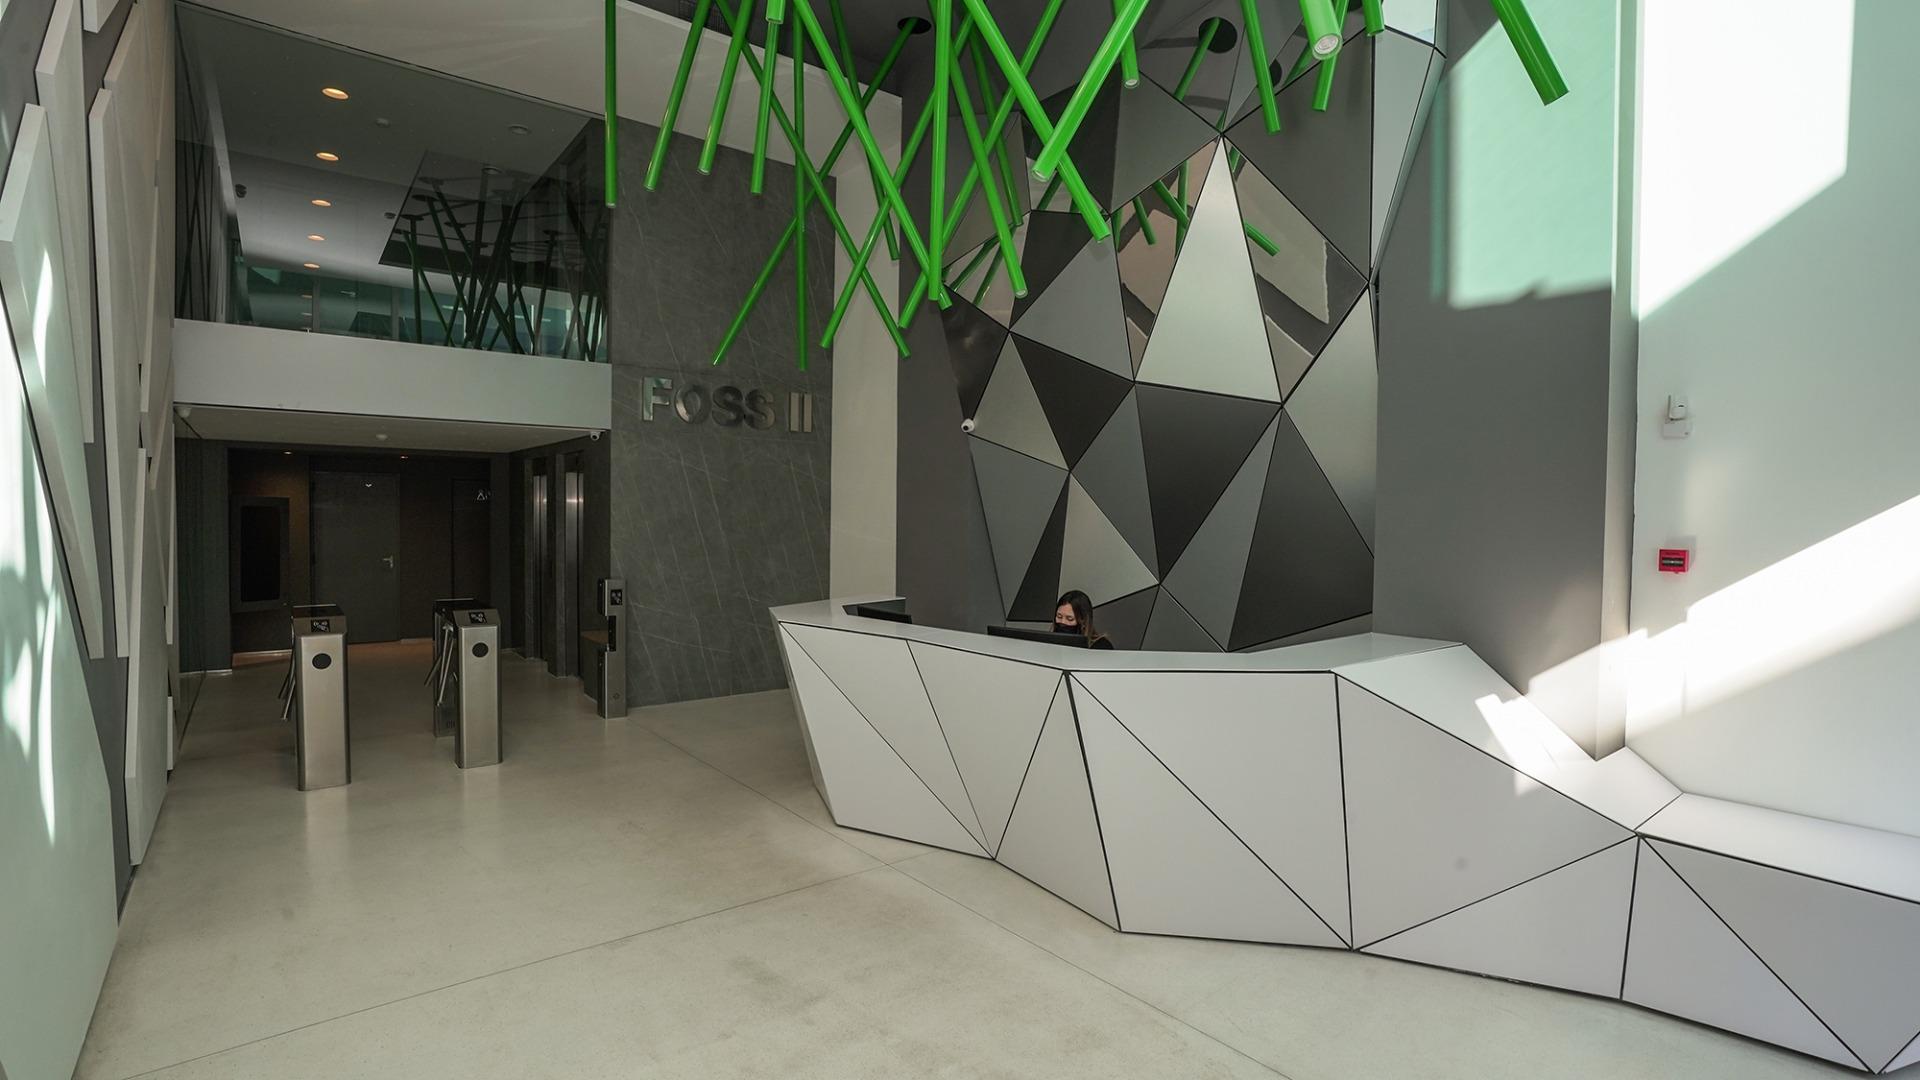 Imágenes Foss II Edificio de Oficinas